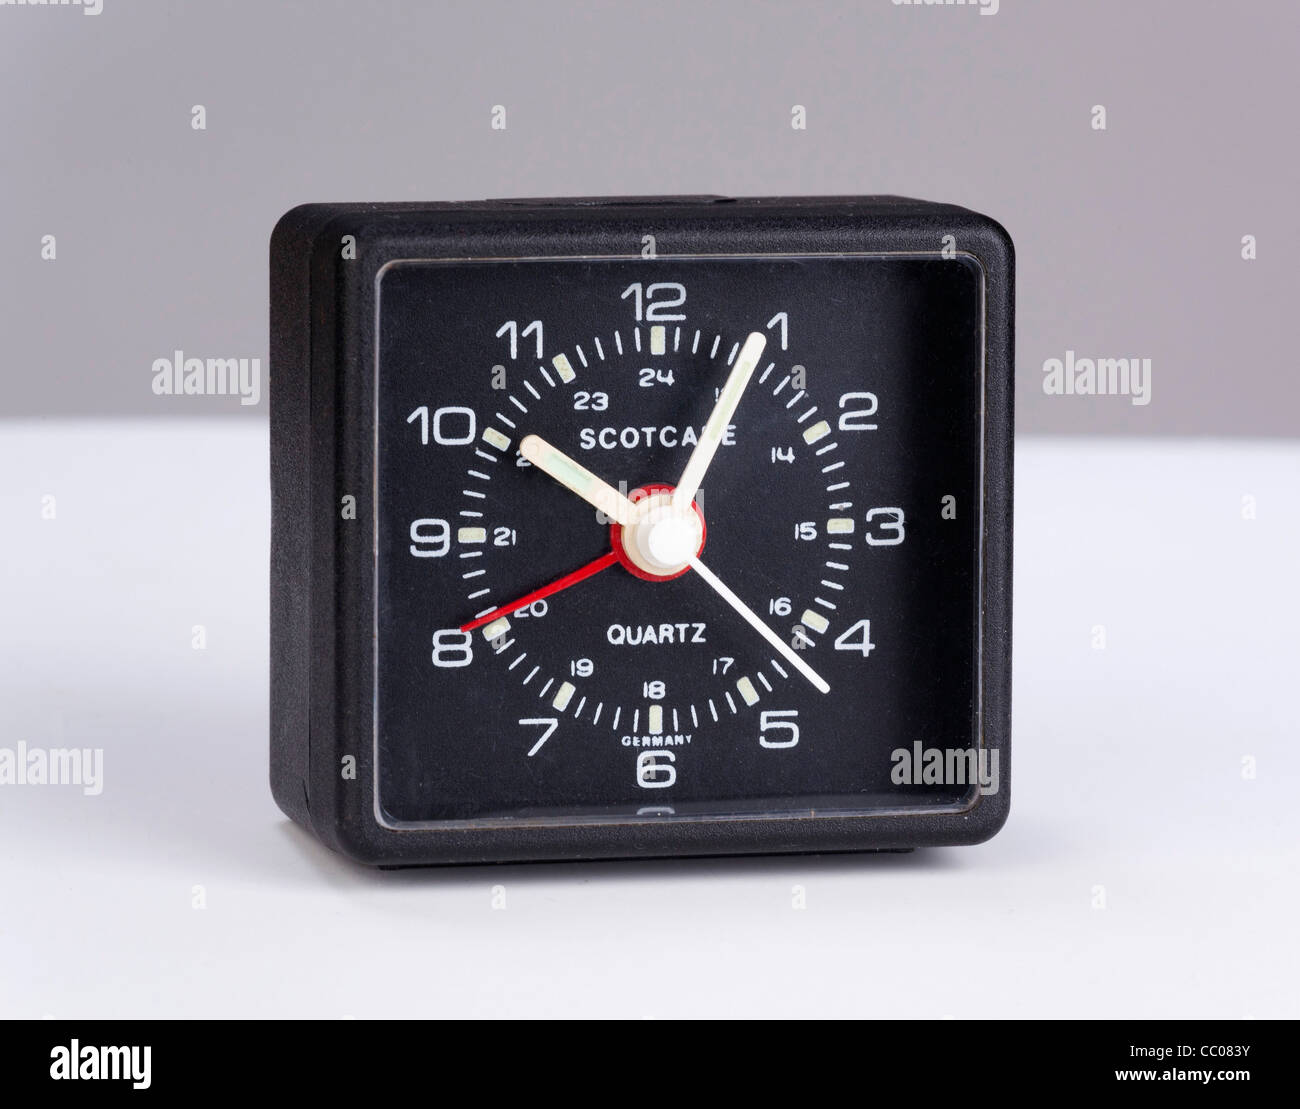 quartz alarm clock - Stock Image